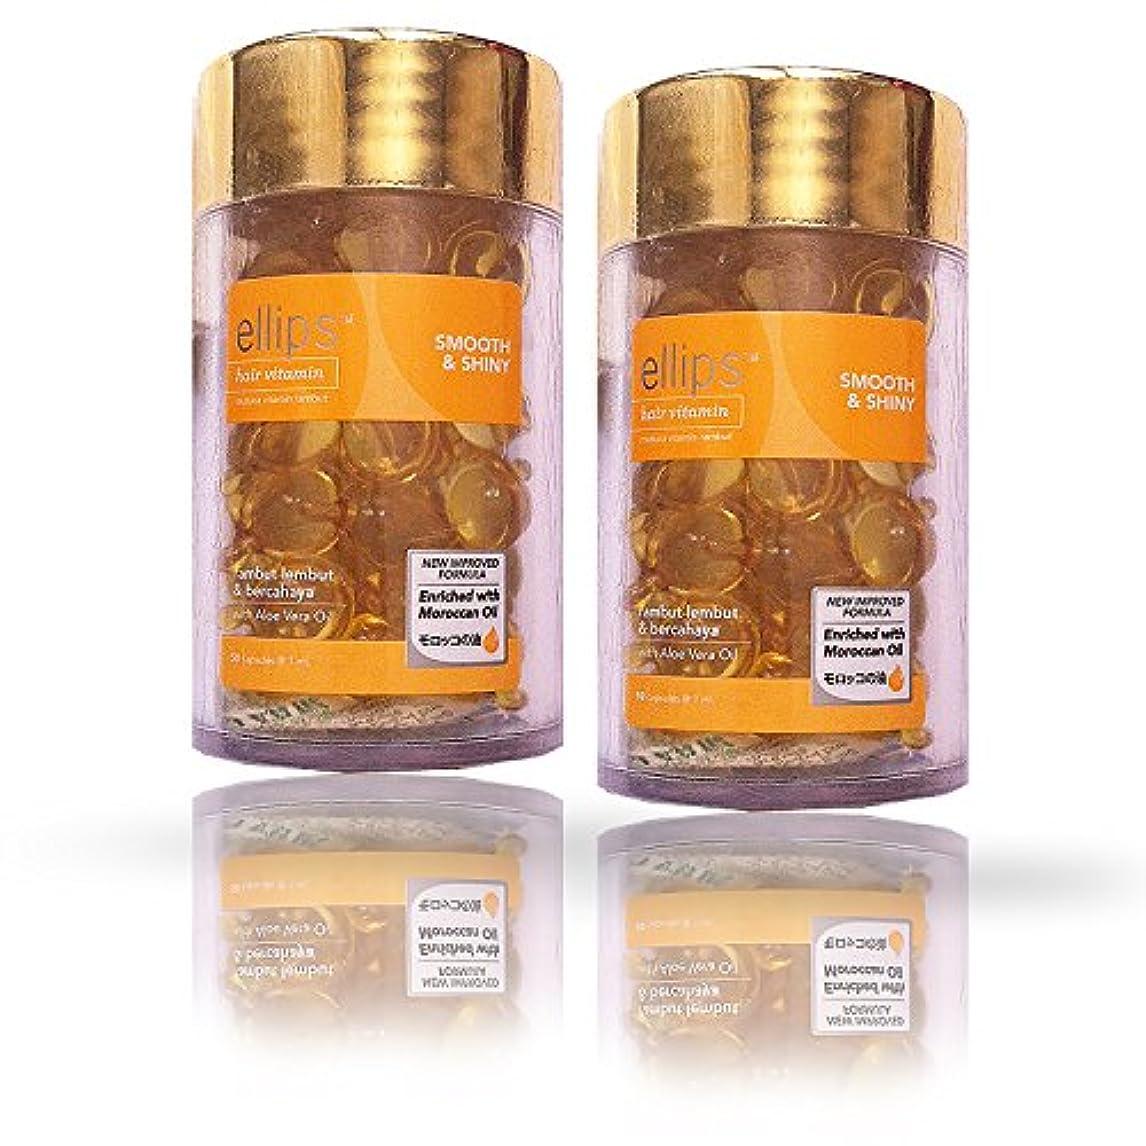 長椅子誠実さどちらかエリップス(ellips)スムース&シャイニー(フレッシュ トロピカル フルーツの香り) ボトル50粒×2個